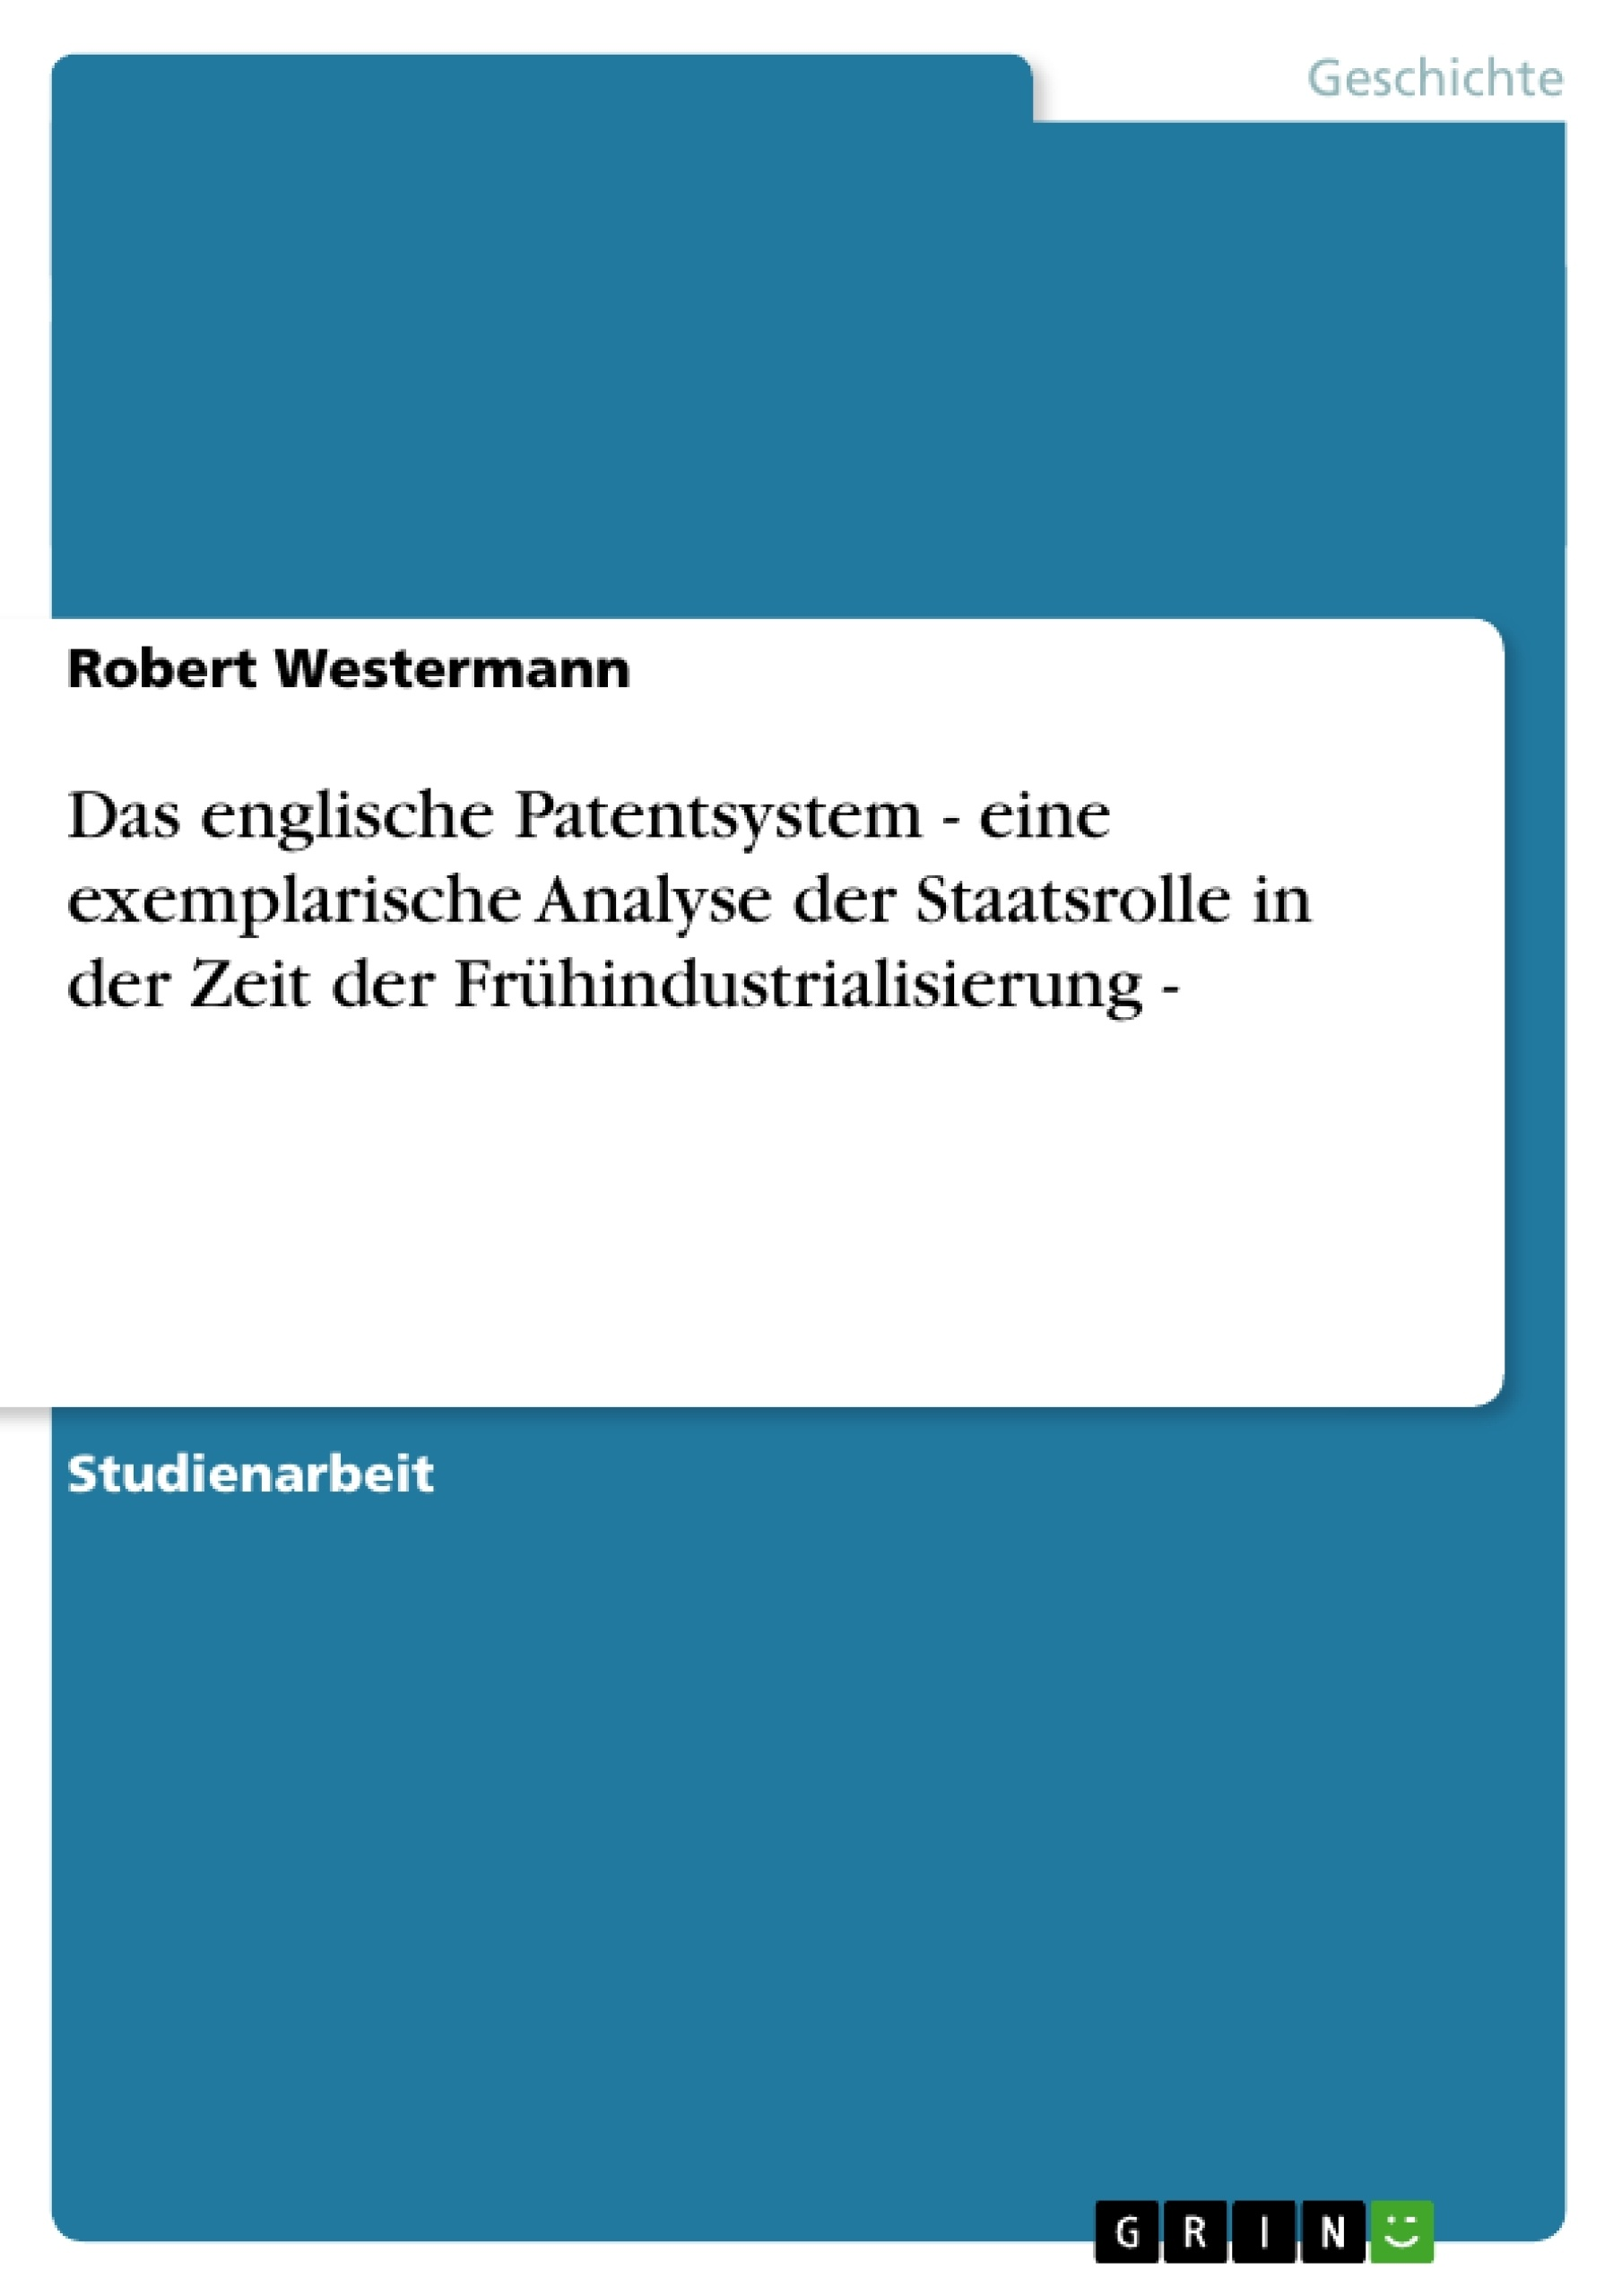 Titel: Das englische Patentsystem - eine exemplarische Analyse der Staatsrolle in der Zeit der Frühindustrialisierung -